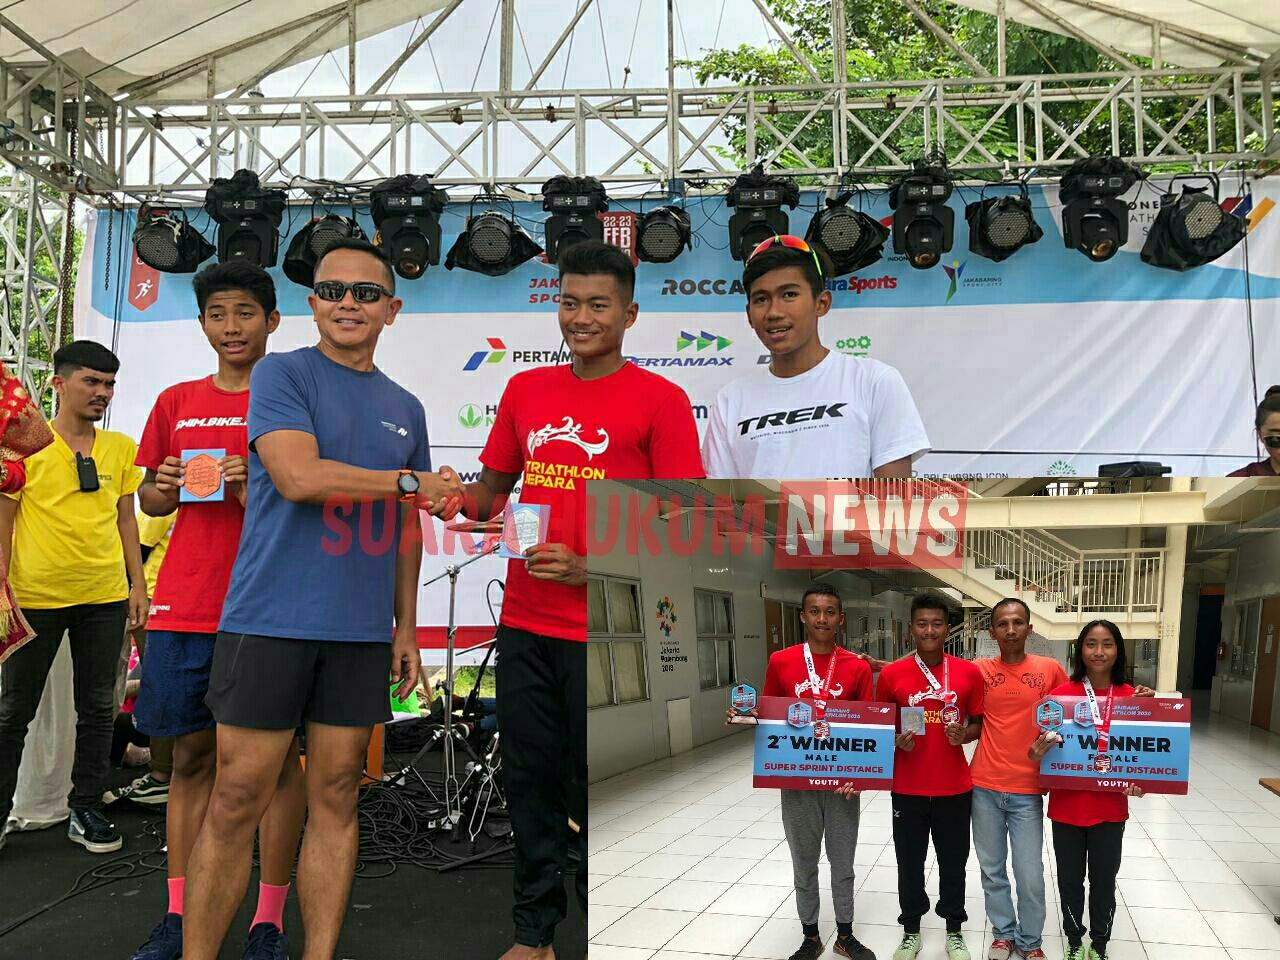 Dibawah Binaan Kodim 0719 Jepara , 3 Atlet Berhasil Sabet Juara Dalam Palembang Triathlon Series 1